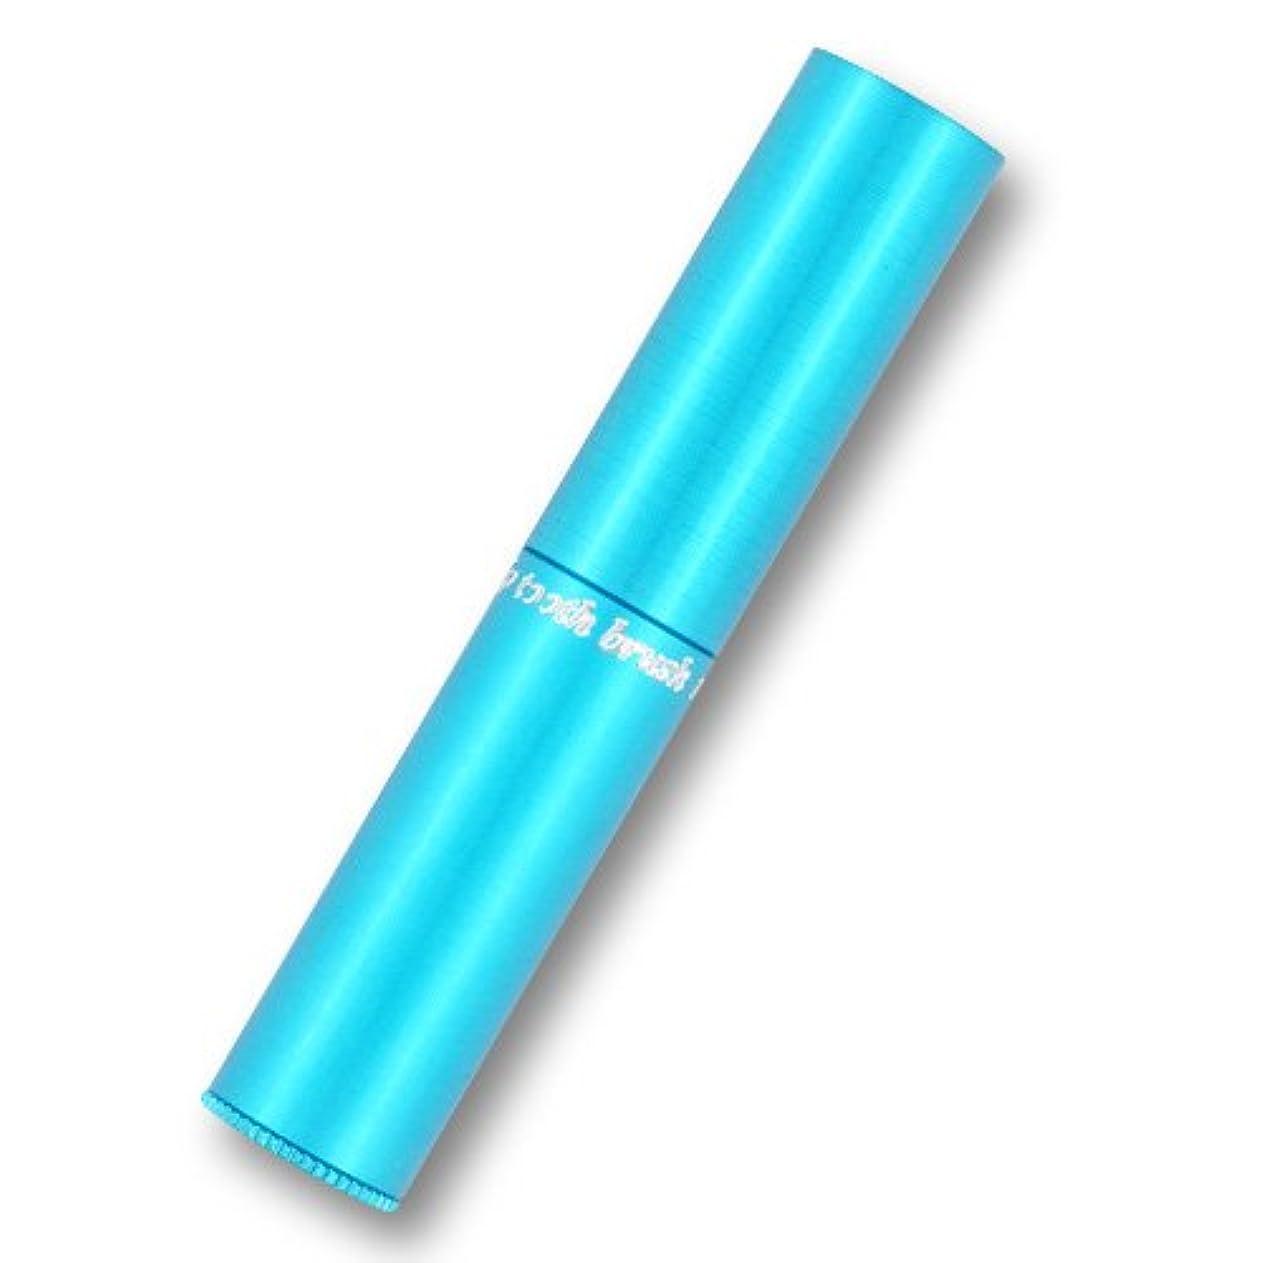 必要としている強風作家携帯歯ブラシ?タベタラmigaCO(ブルー)